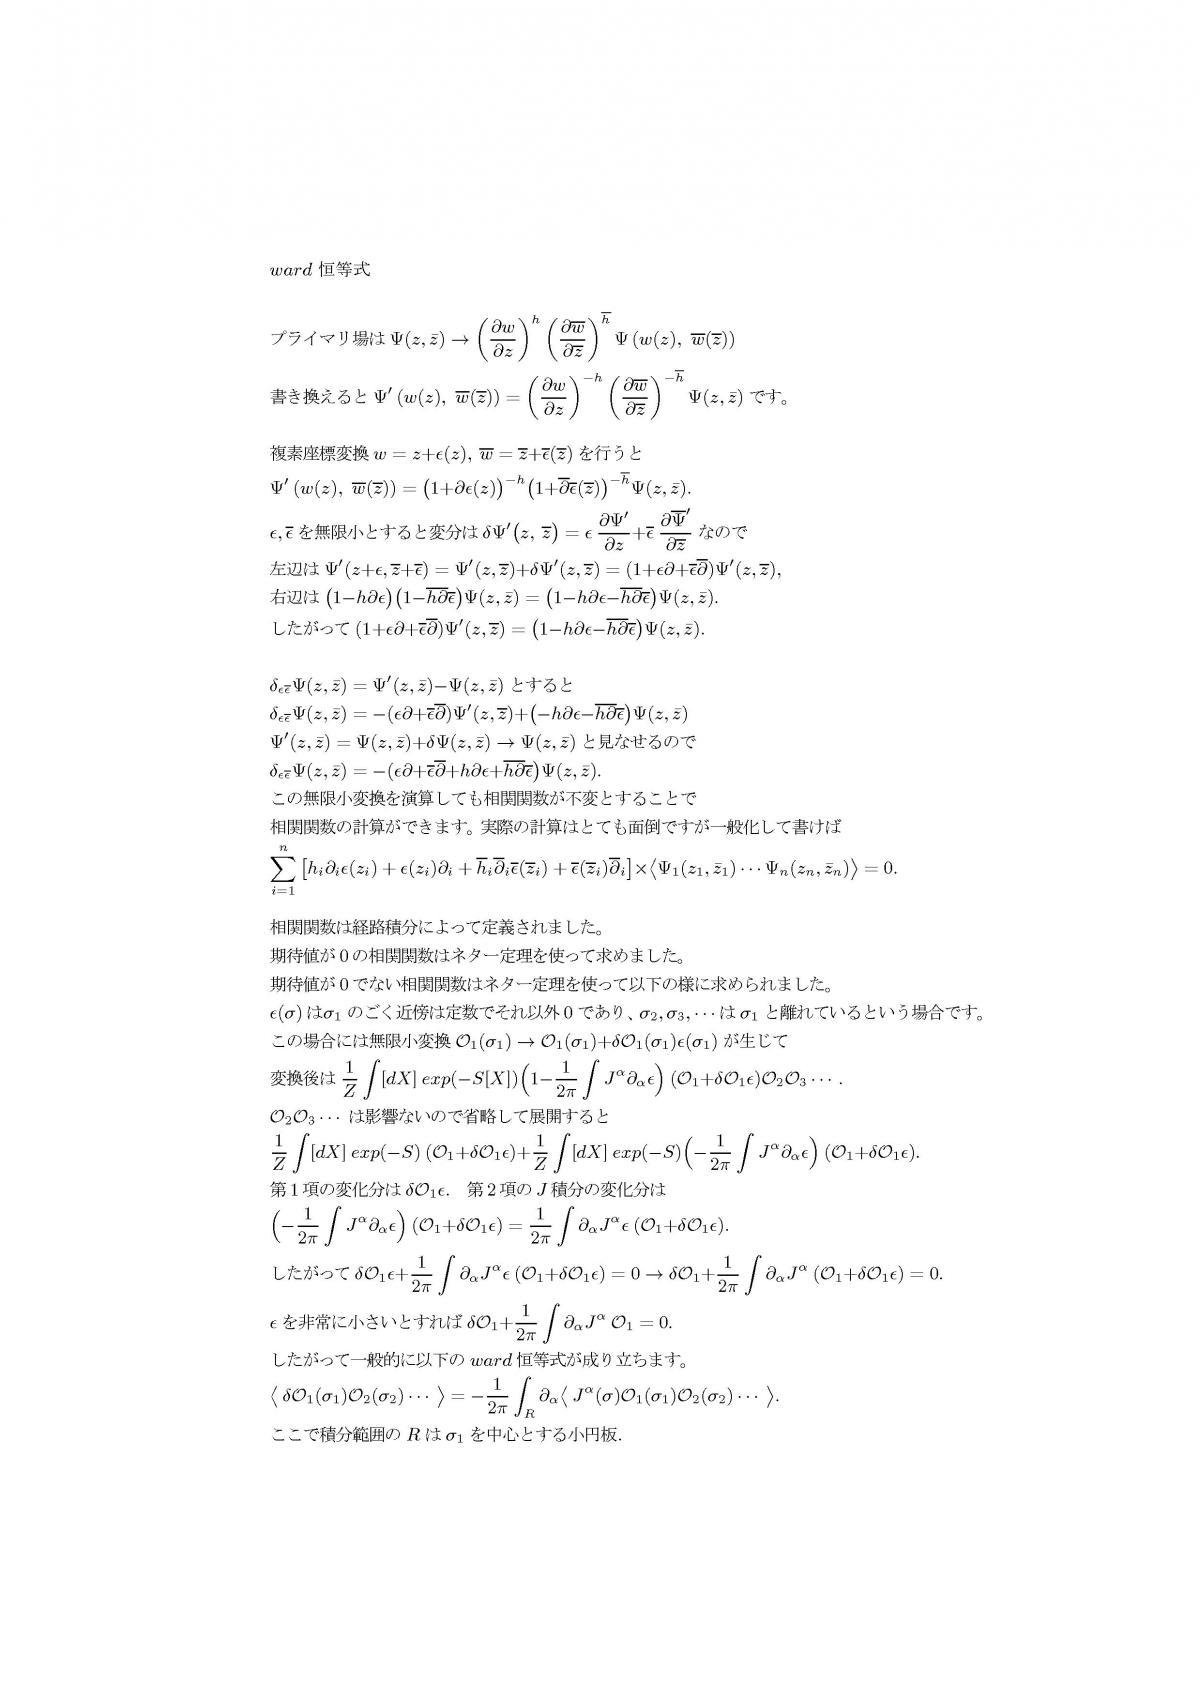 pgen23.jpg